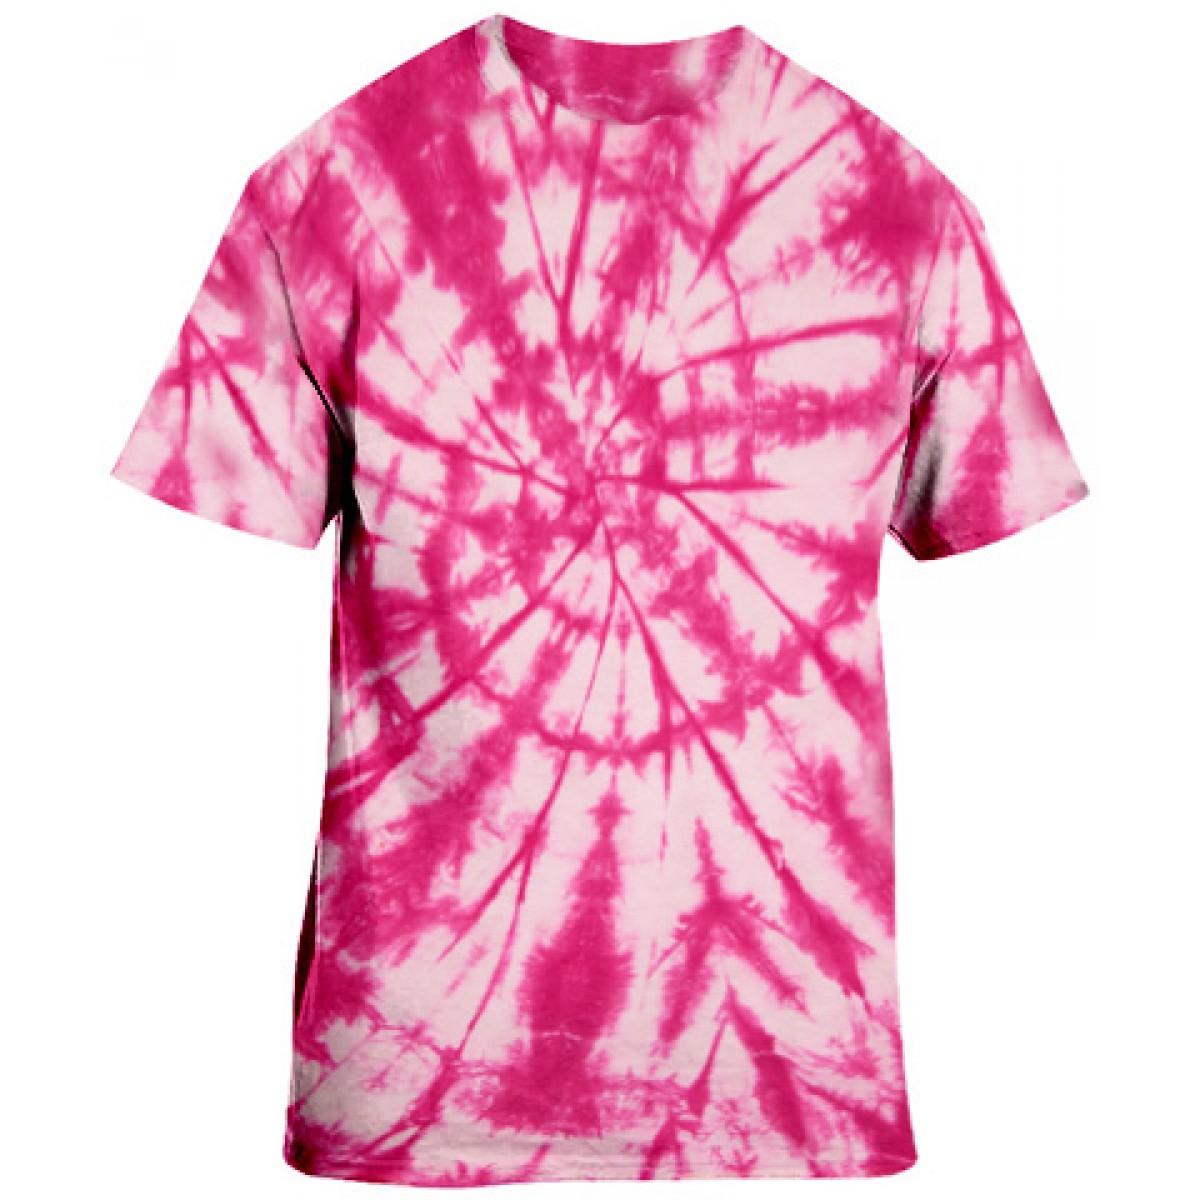 Pink Tie-Dye S/S Tee -Pink-M